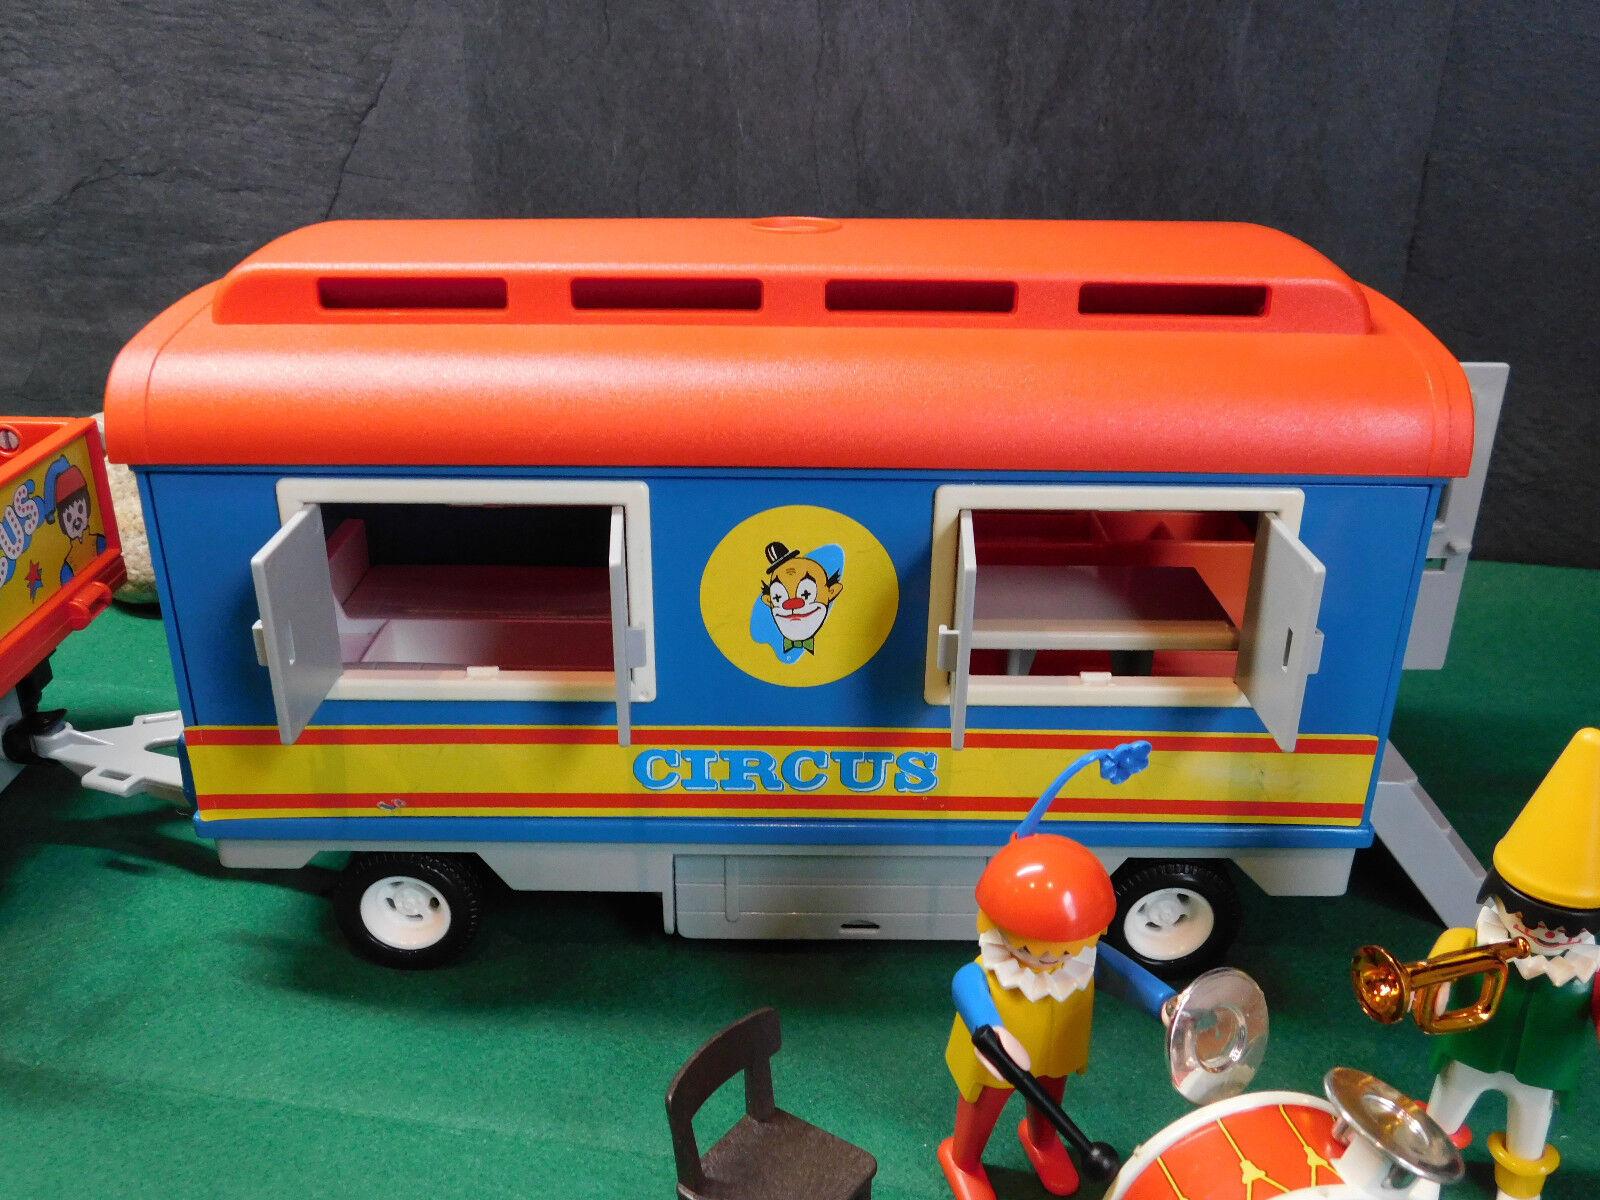 Playmobil Rarität Zirkus-Wohnwagen Zirkus-Wohnwagen Zirkus-Wohnwagen 3477-A 1982 Zirkus-Truck u.a. o. OVP 11e914